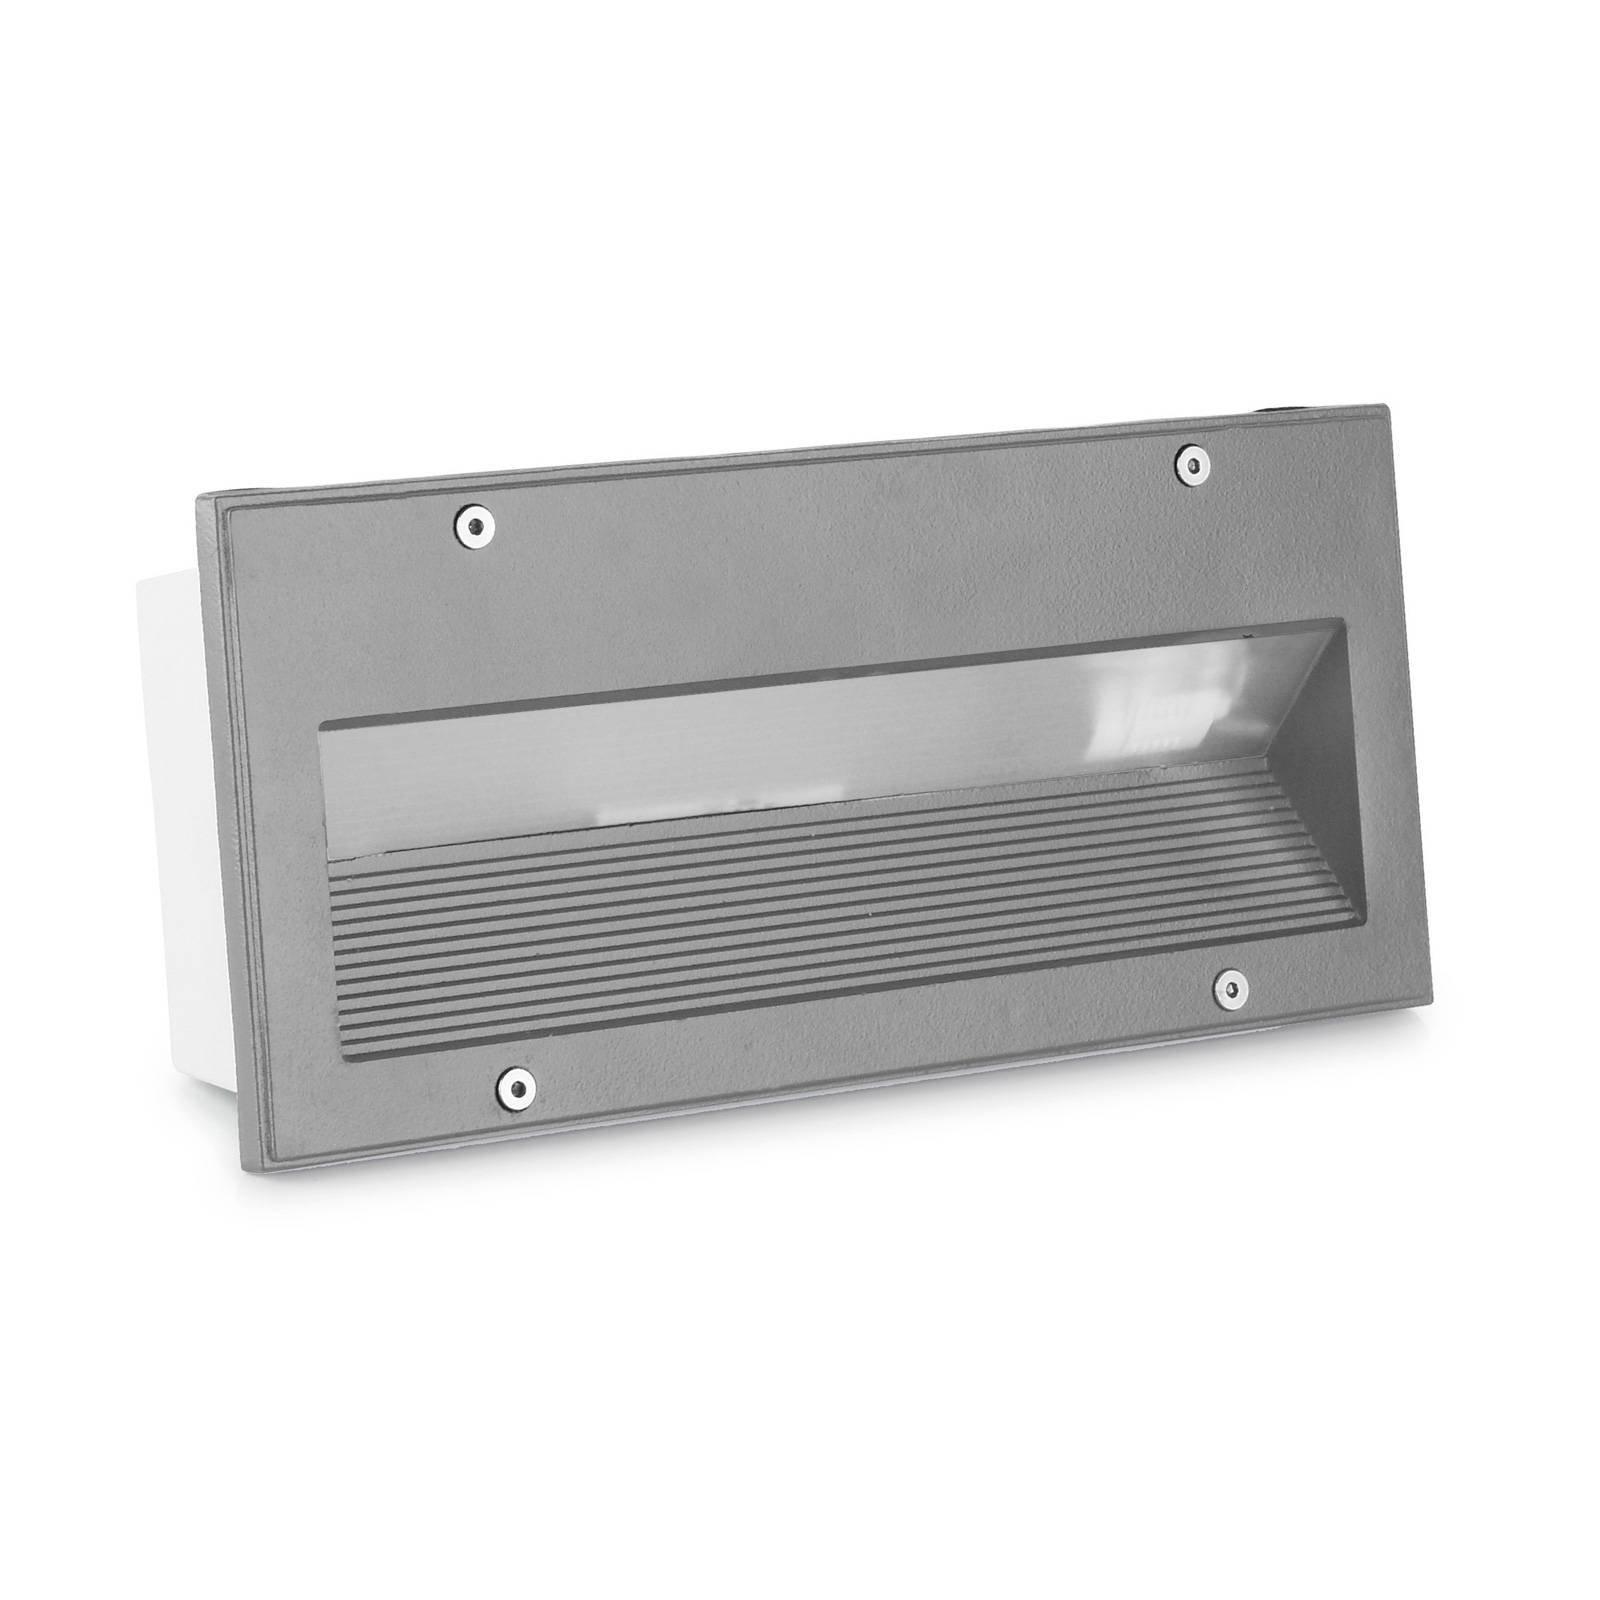 LEDS-C4 Micenas innfellingslampe, 25,5x11,5cm, grå